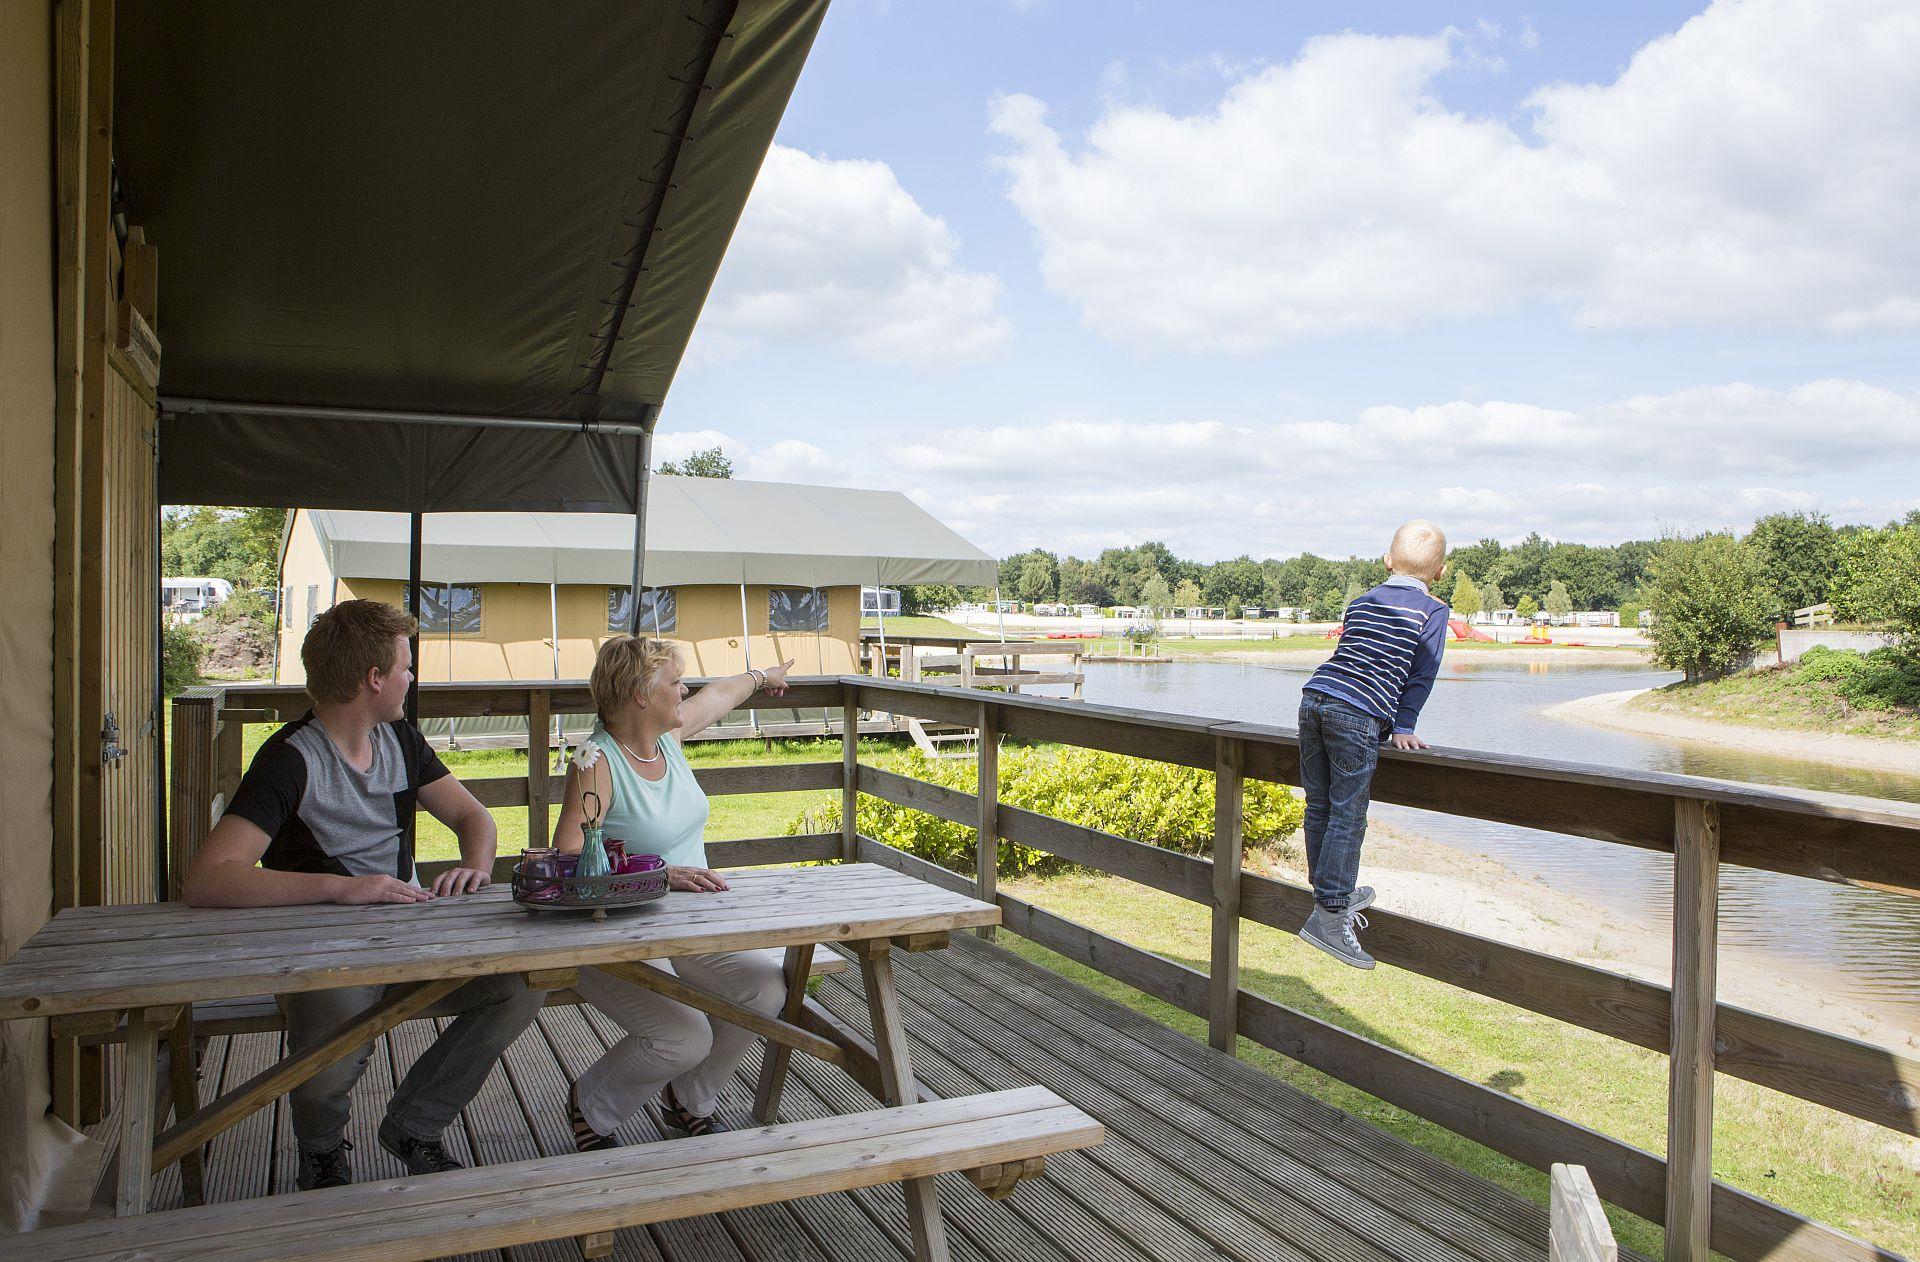 Vakantie in een safaritent in Hardenberg - vakantie in een safaritent in Hardenberg